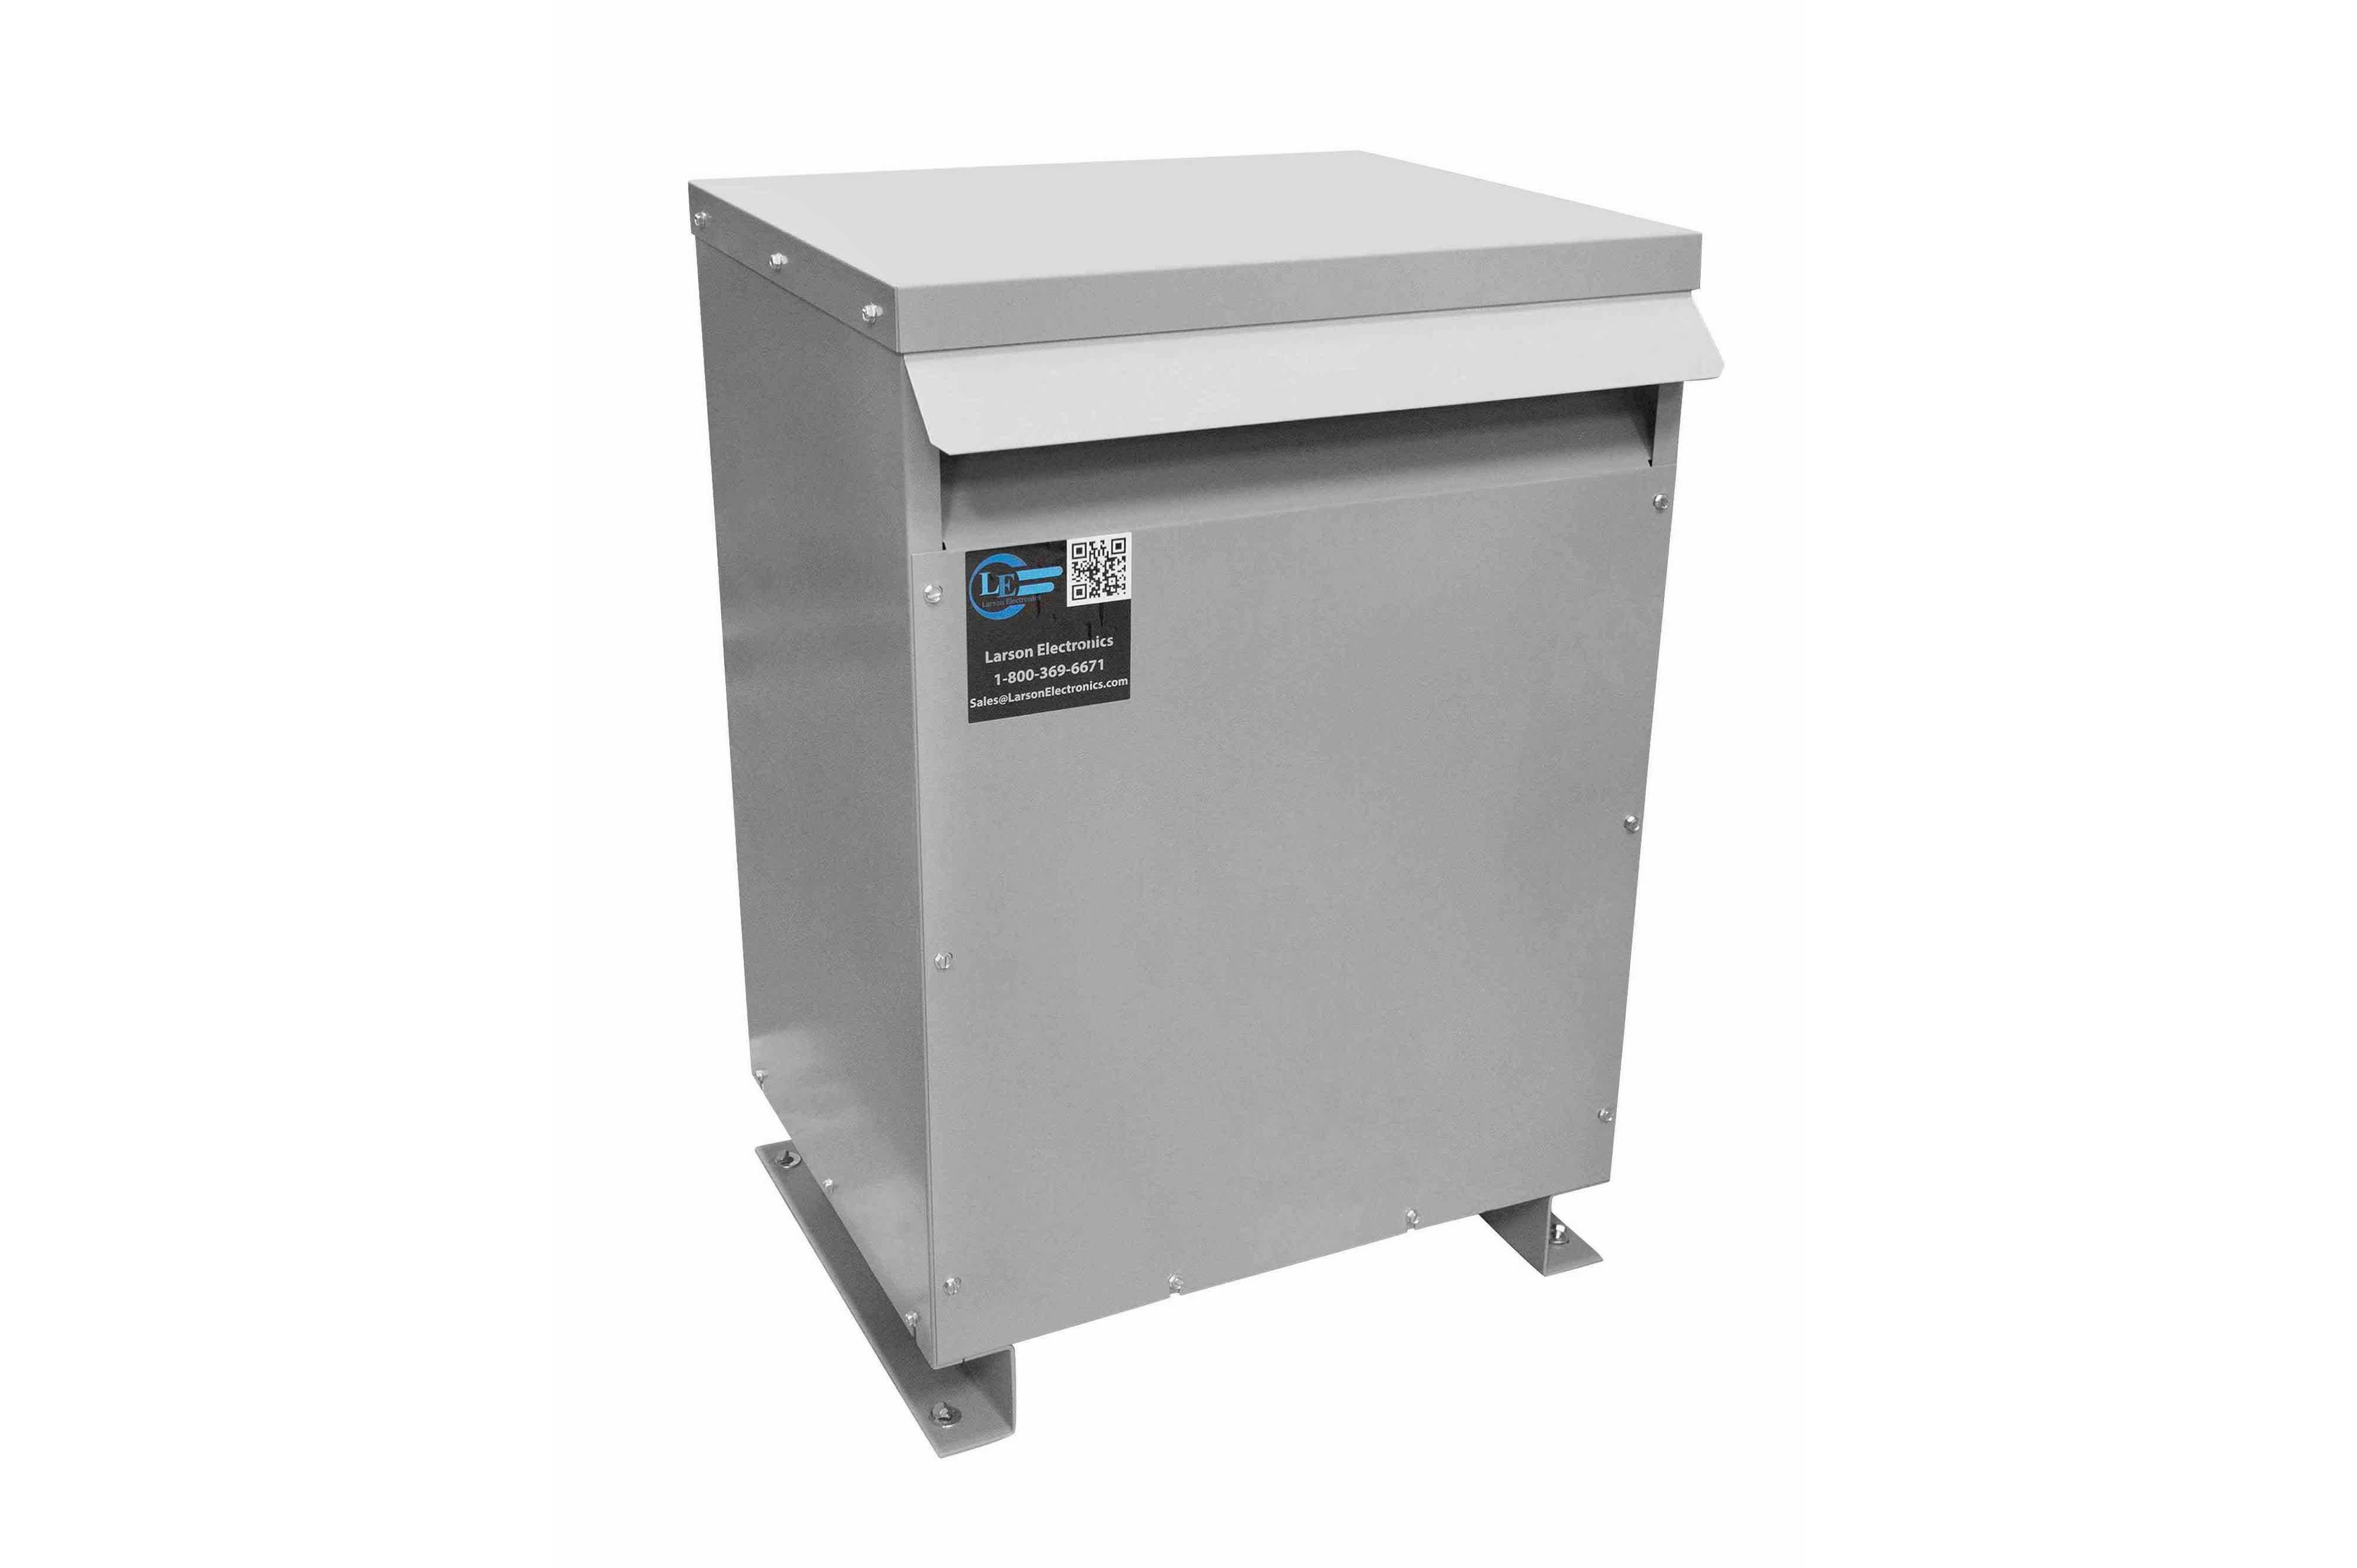 9 kVA 3PH Isolation Transformer, 600V Delta Primary, 460V Delta Secondary, N3R, Ventilated, 60 Hz